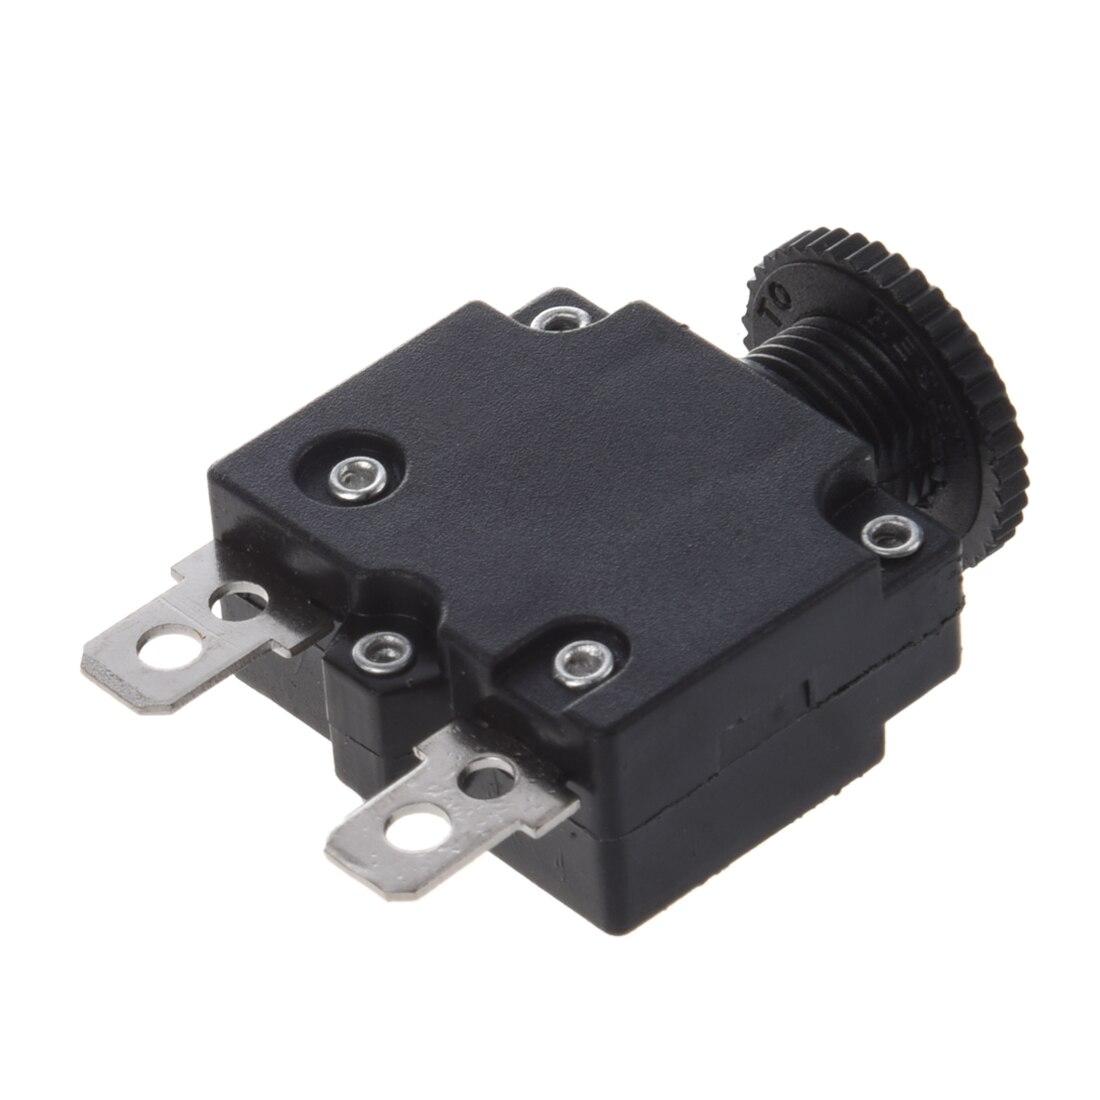 Compresor de aire disyuntor Protector de sobrecarga AC15A Dropshipping